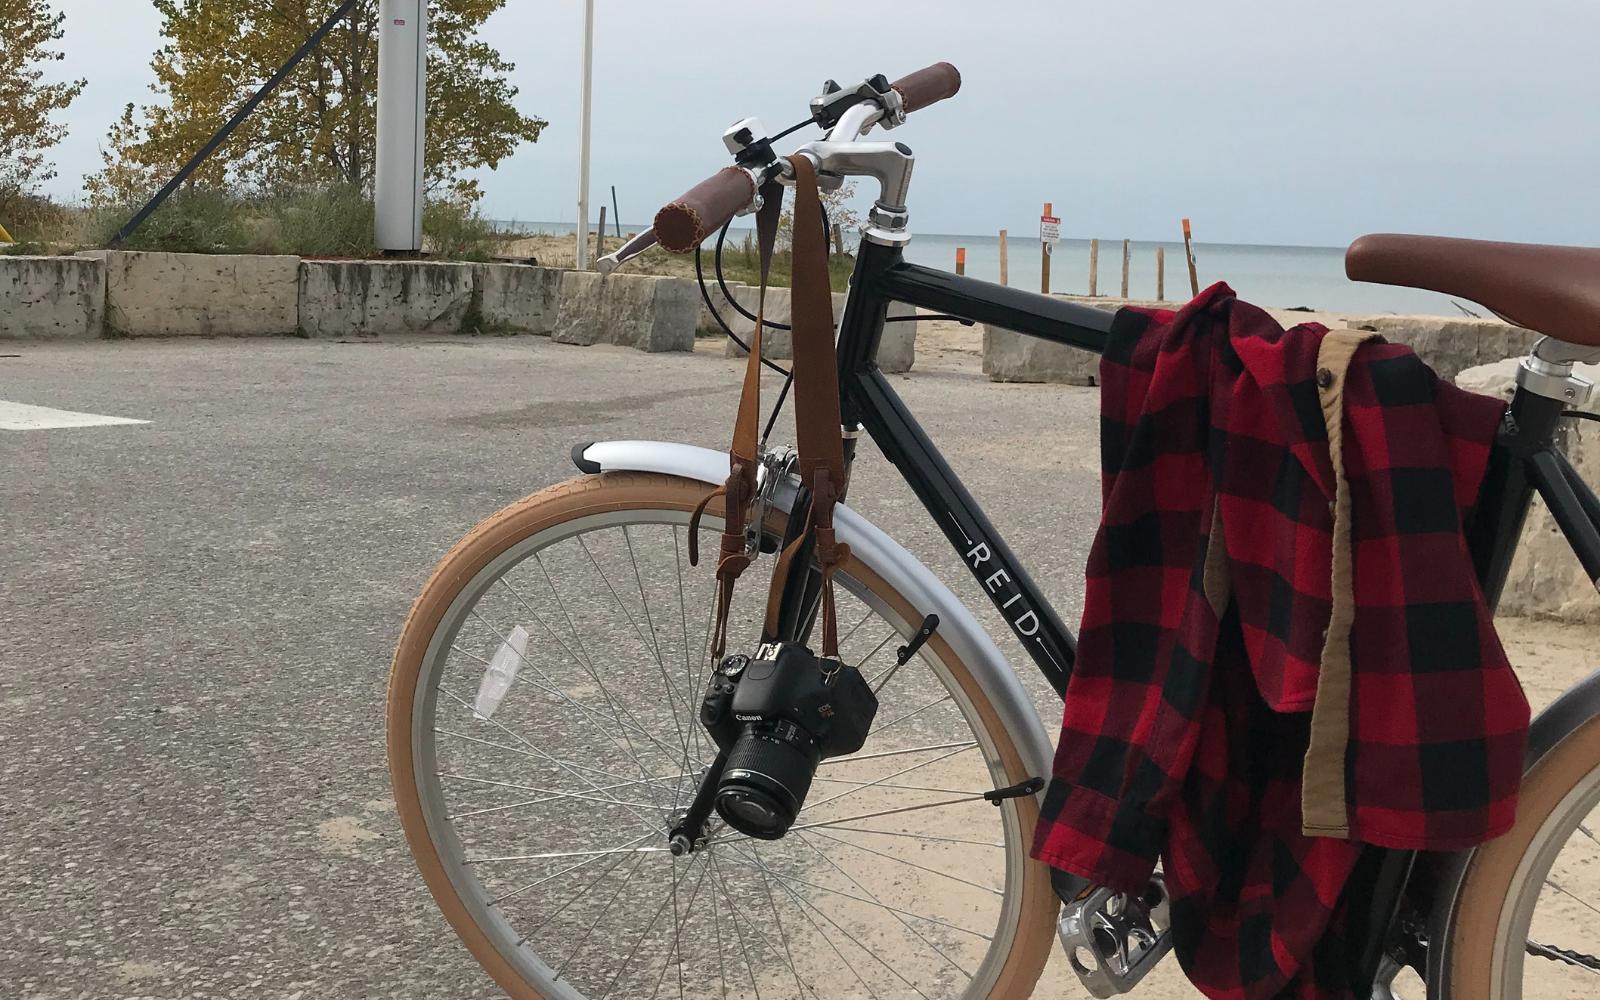 26 11 - Reid ® - Gents Roller Superlite Bike